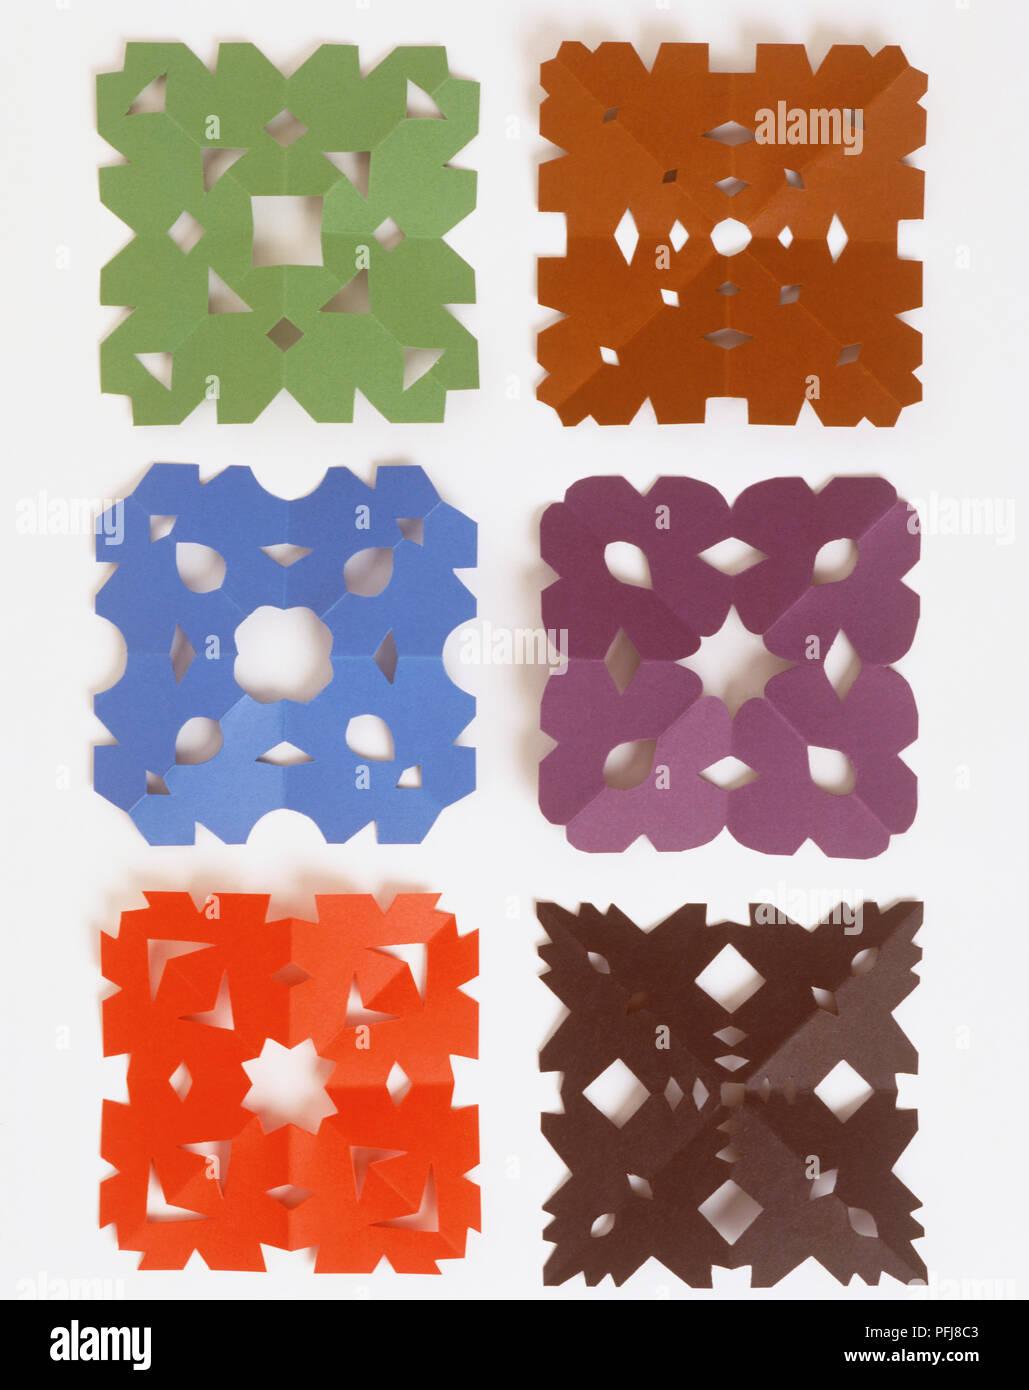 Seis coloridos cuadrados de papel con diferentes patrones cortados en ellos, de cerca. Imagen De Stock